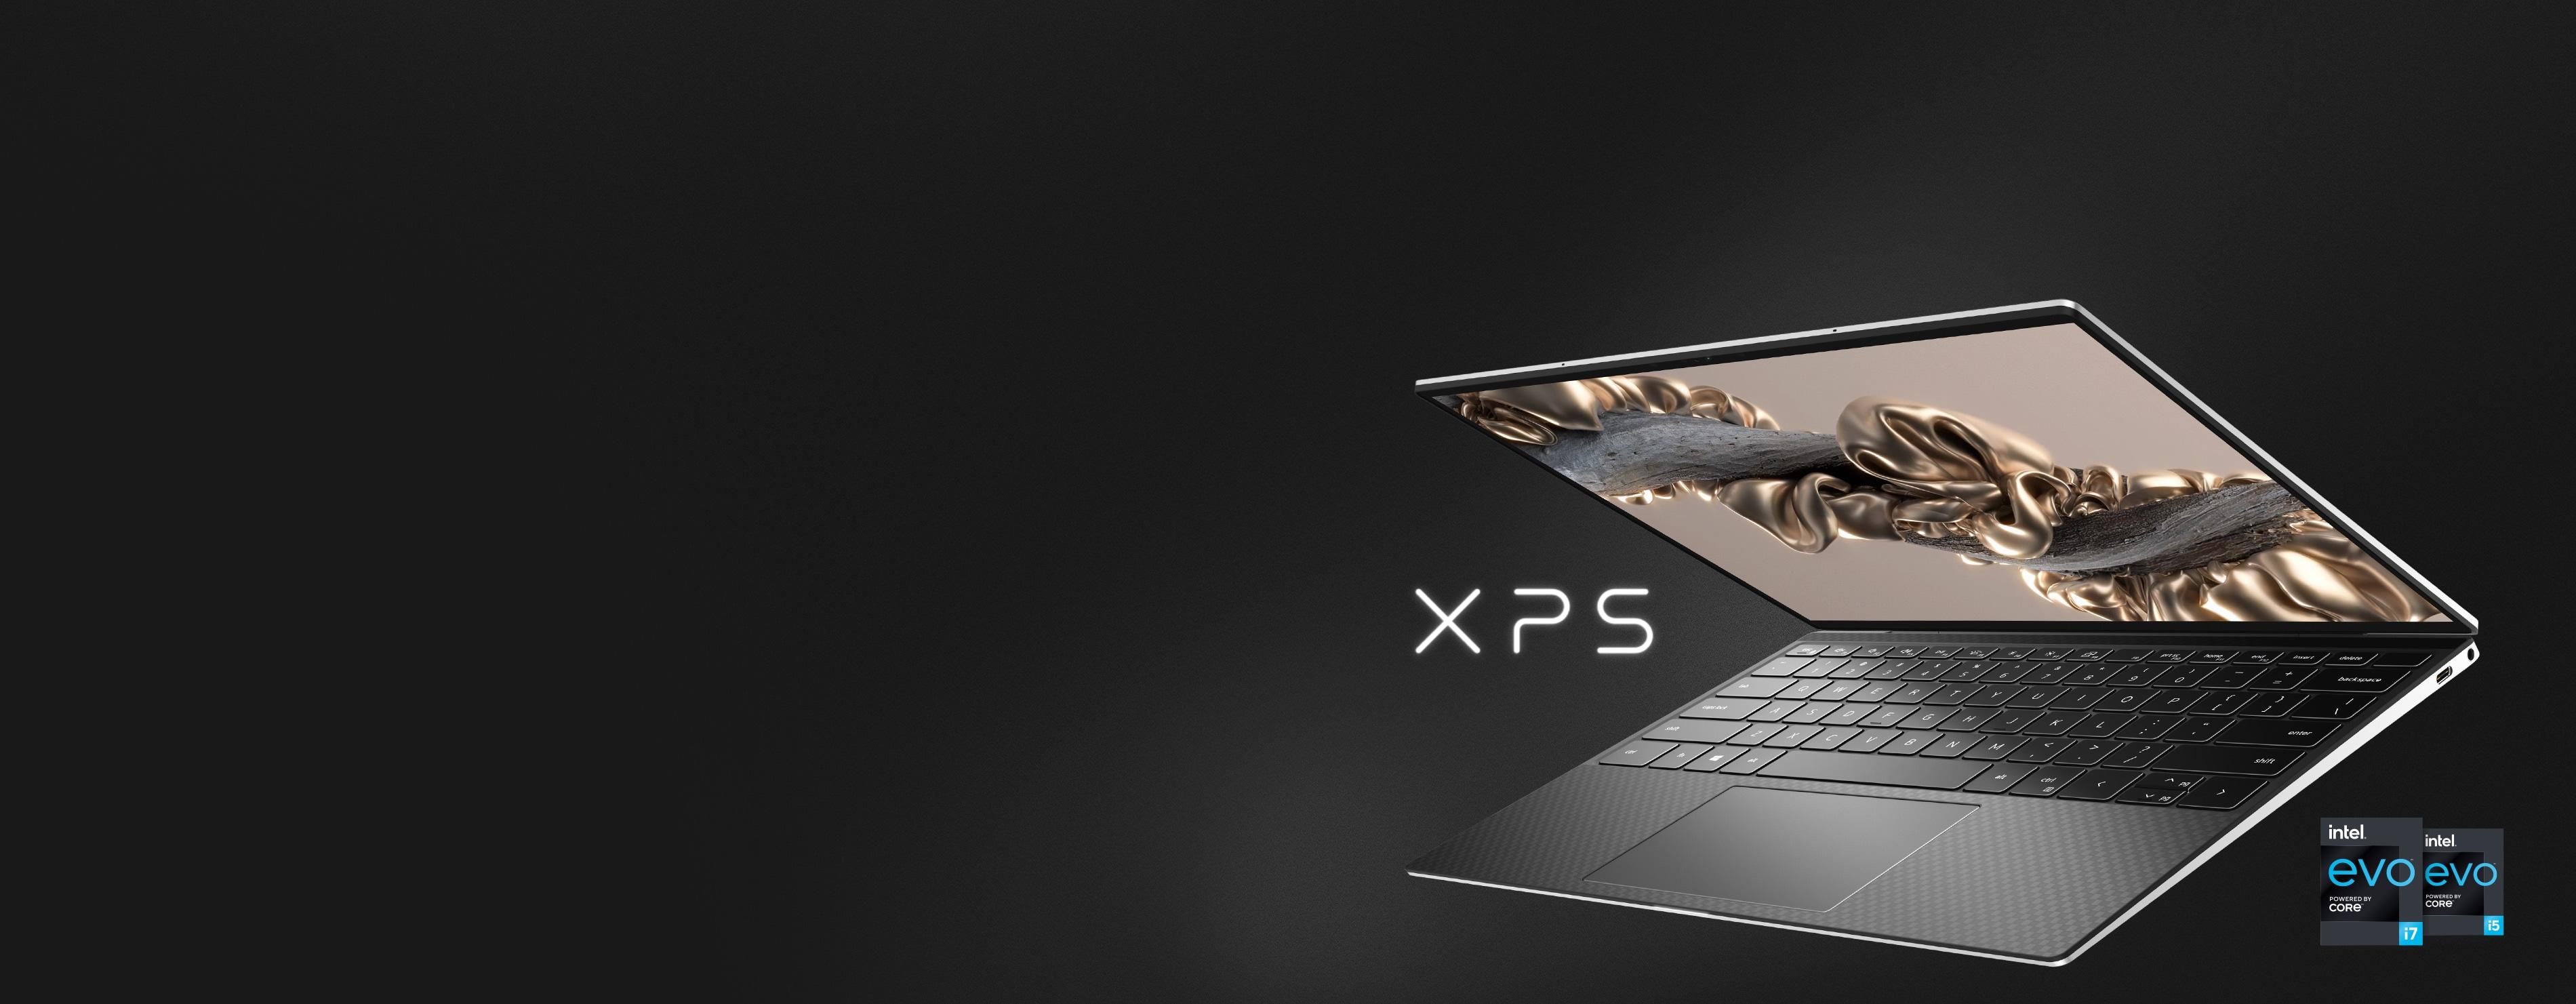 細部にまで妥協を許さないスタイリッシュなノートパソコン。